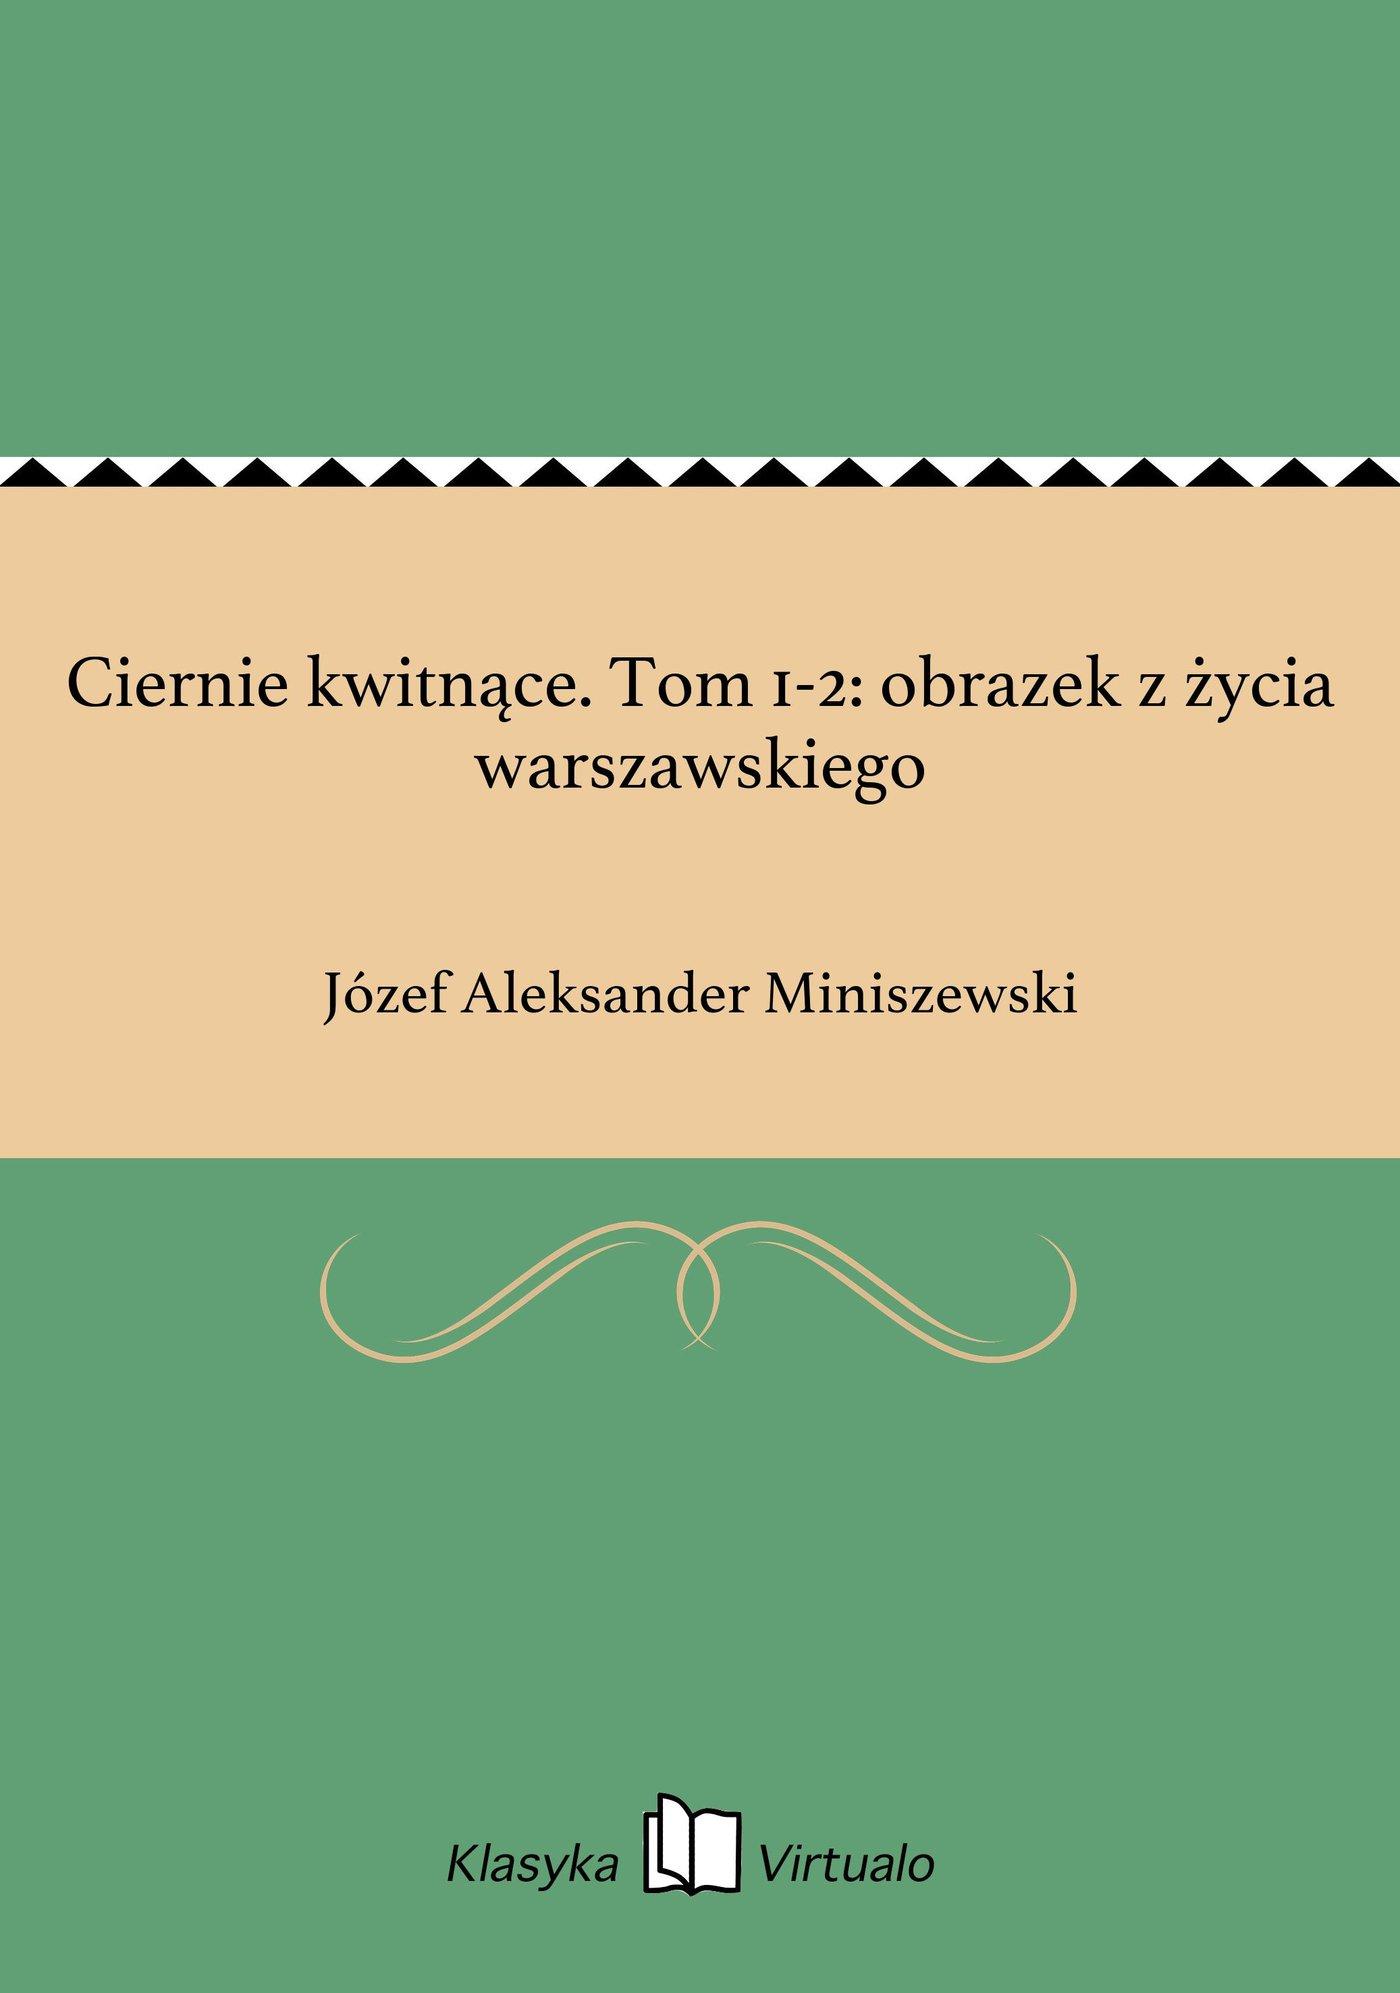 Ciernie kwitnące. Tom 1-2: obrazek z życia warszawskiego - Ebook (Książka EPUB) do pobrania w formacie EPUB